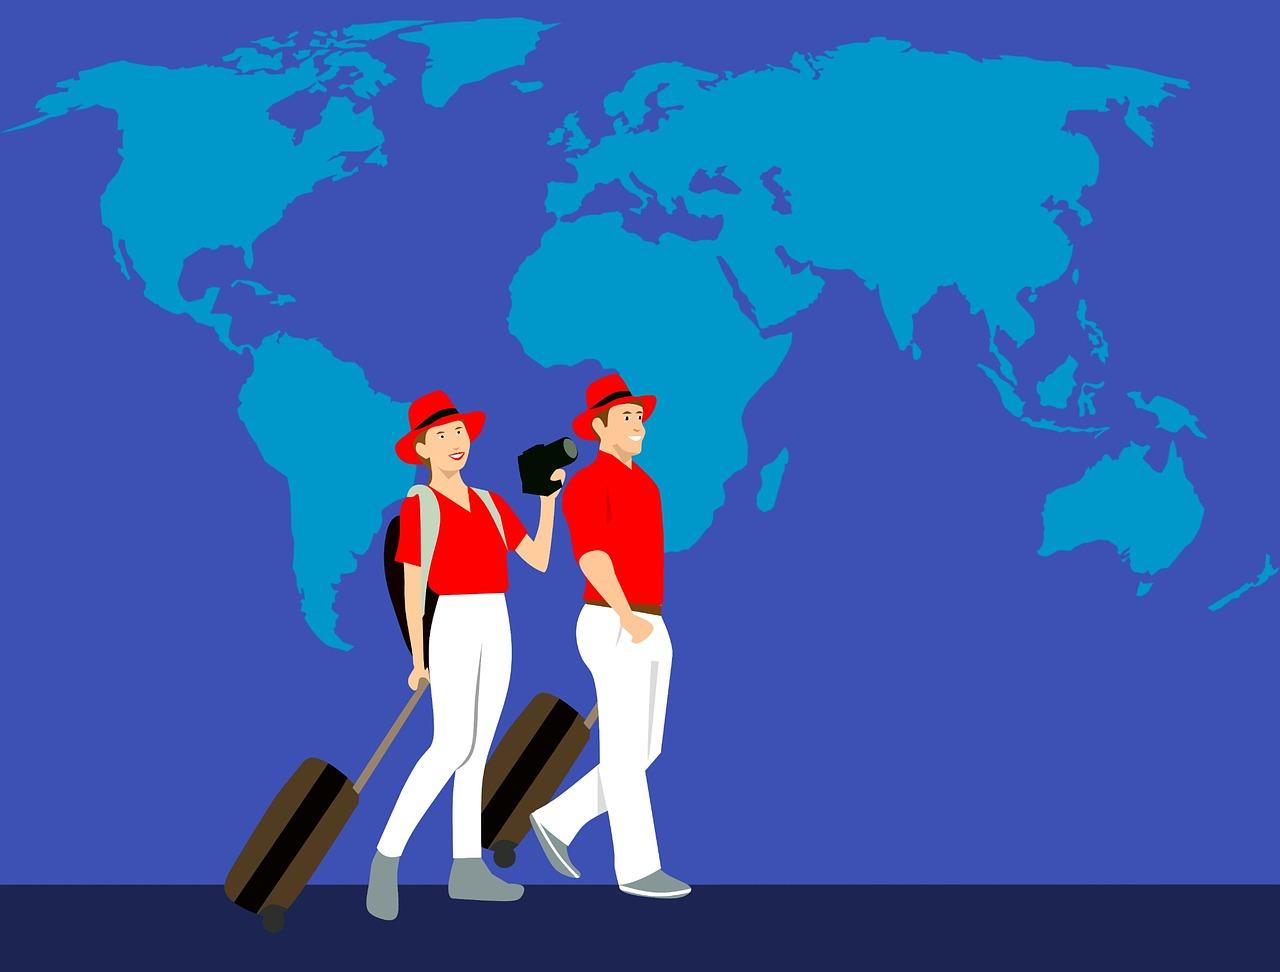 אנשים מטיילים